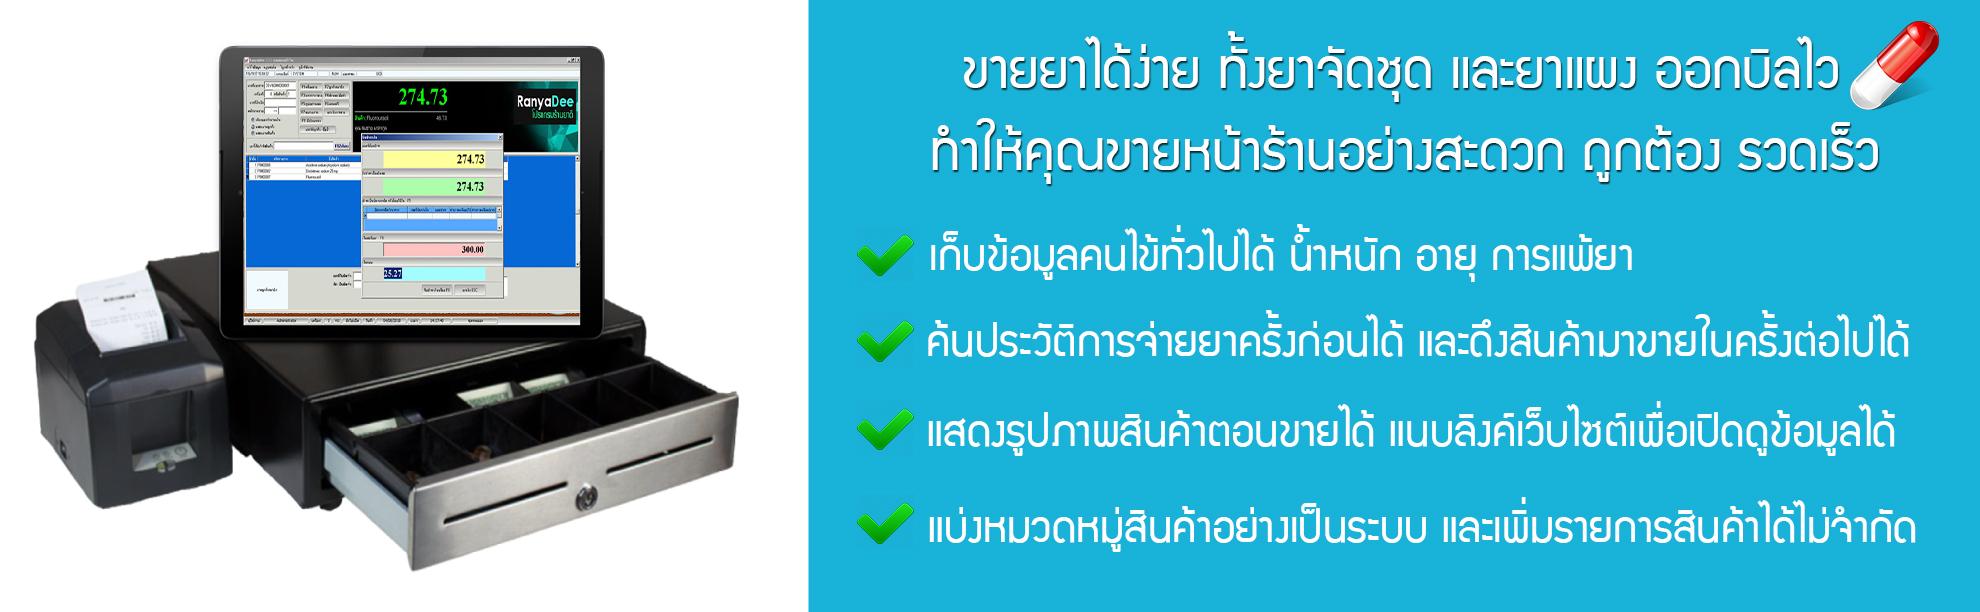 เก็บข้อมูลคนไข้และแบ่งหมวดหมู่ยาง่าย-โปรแกรมร้านยา ranyadee